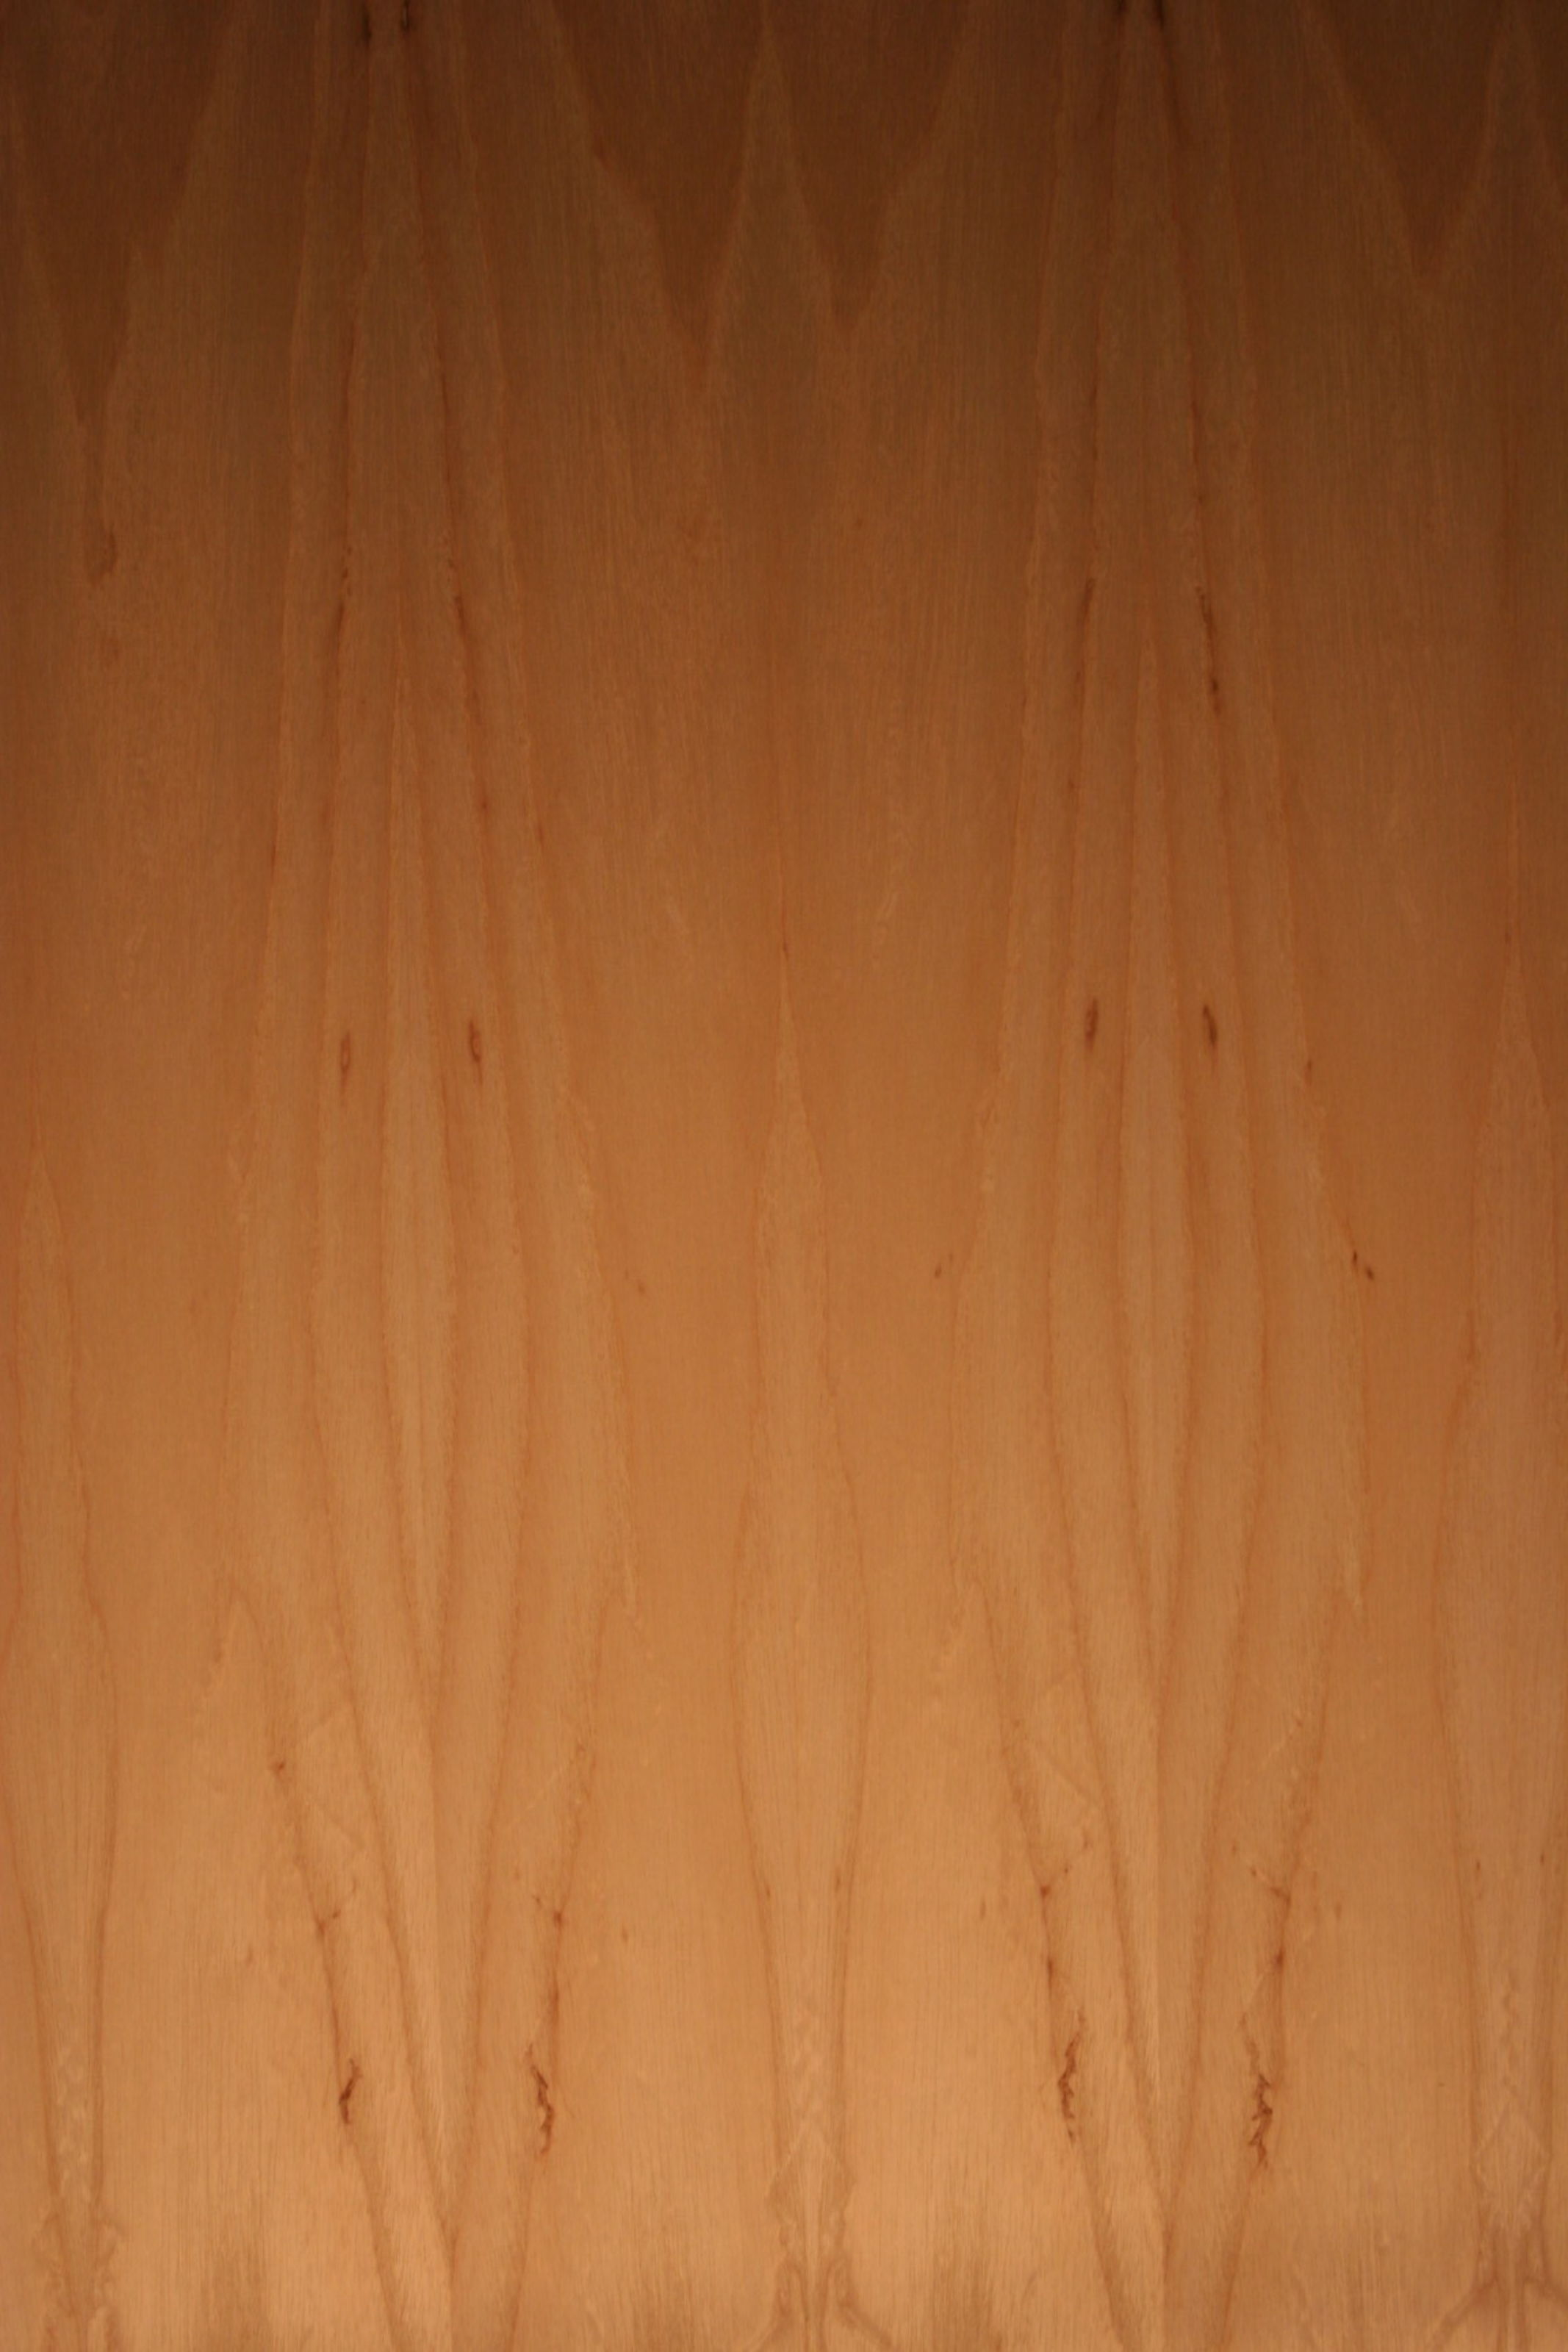 22mm Oak Mdf Board Edging